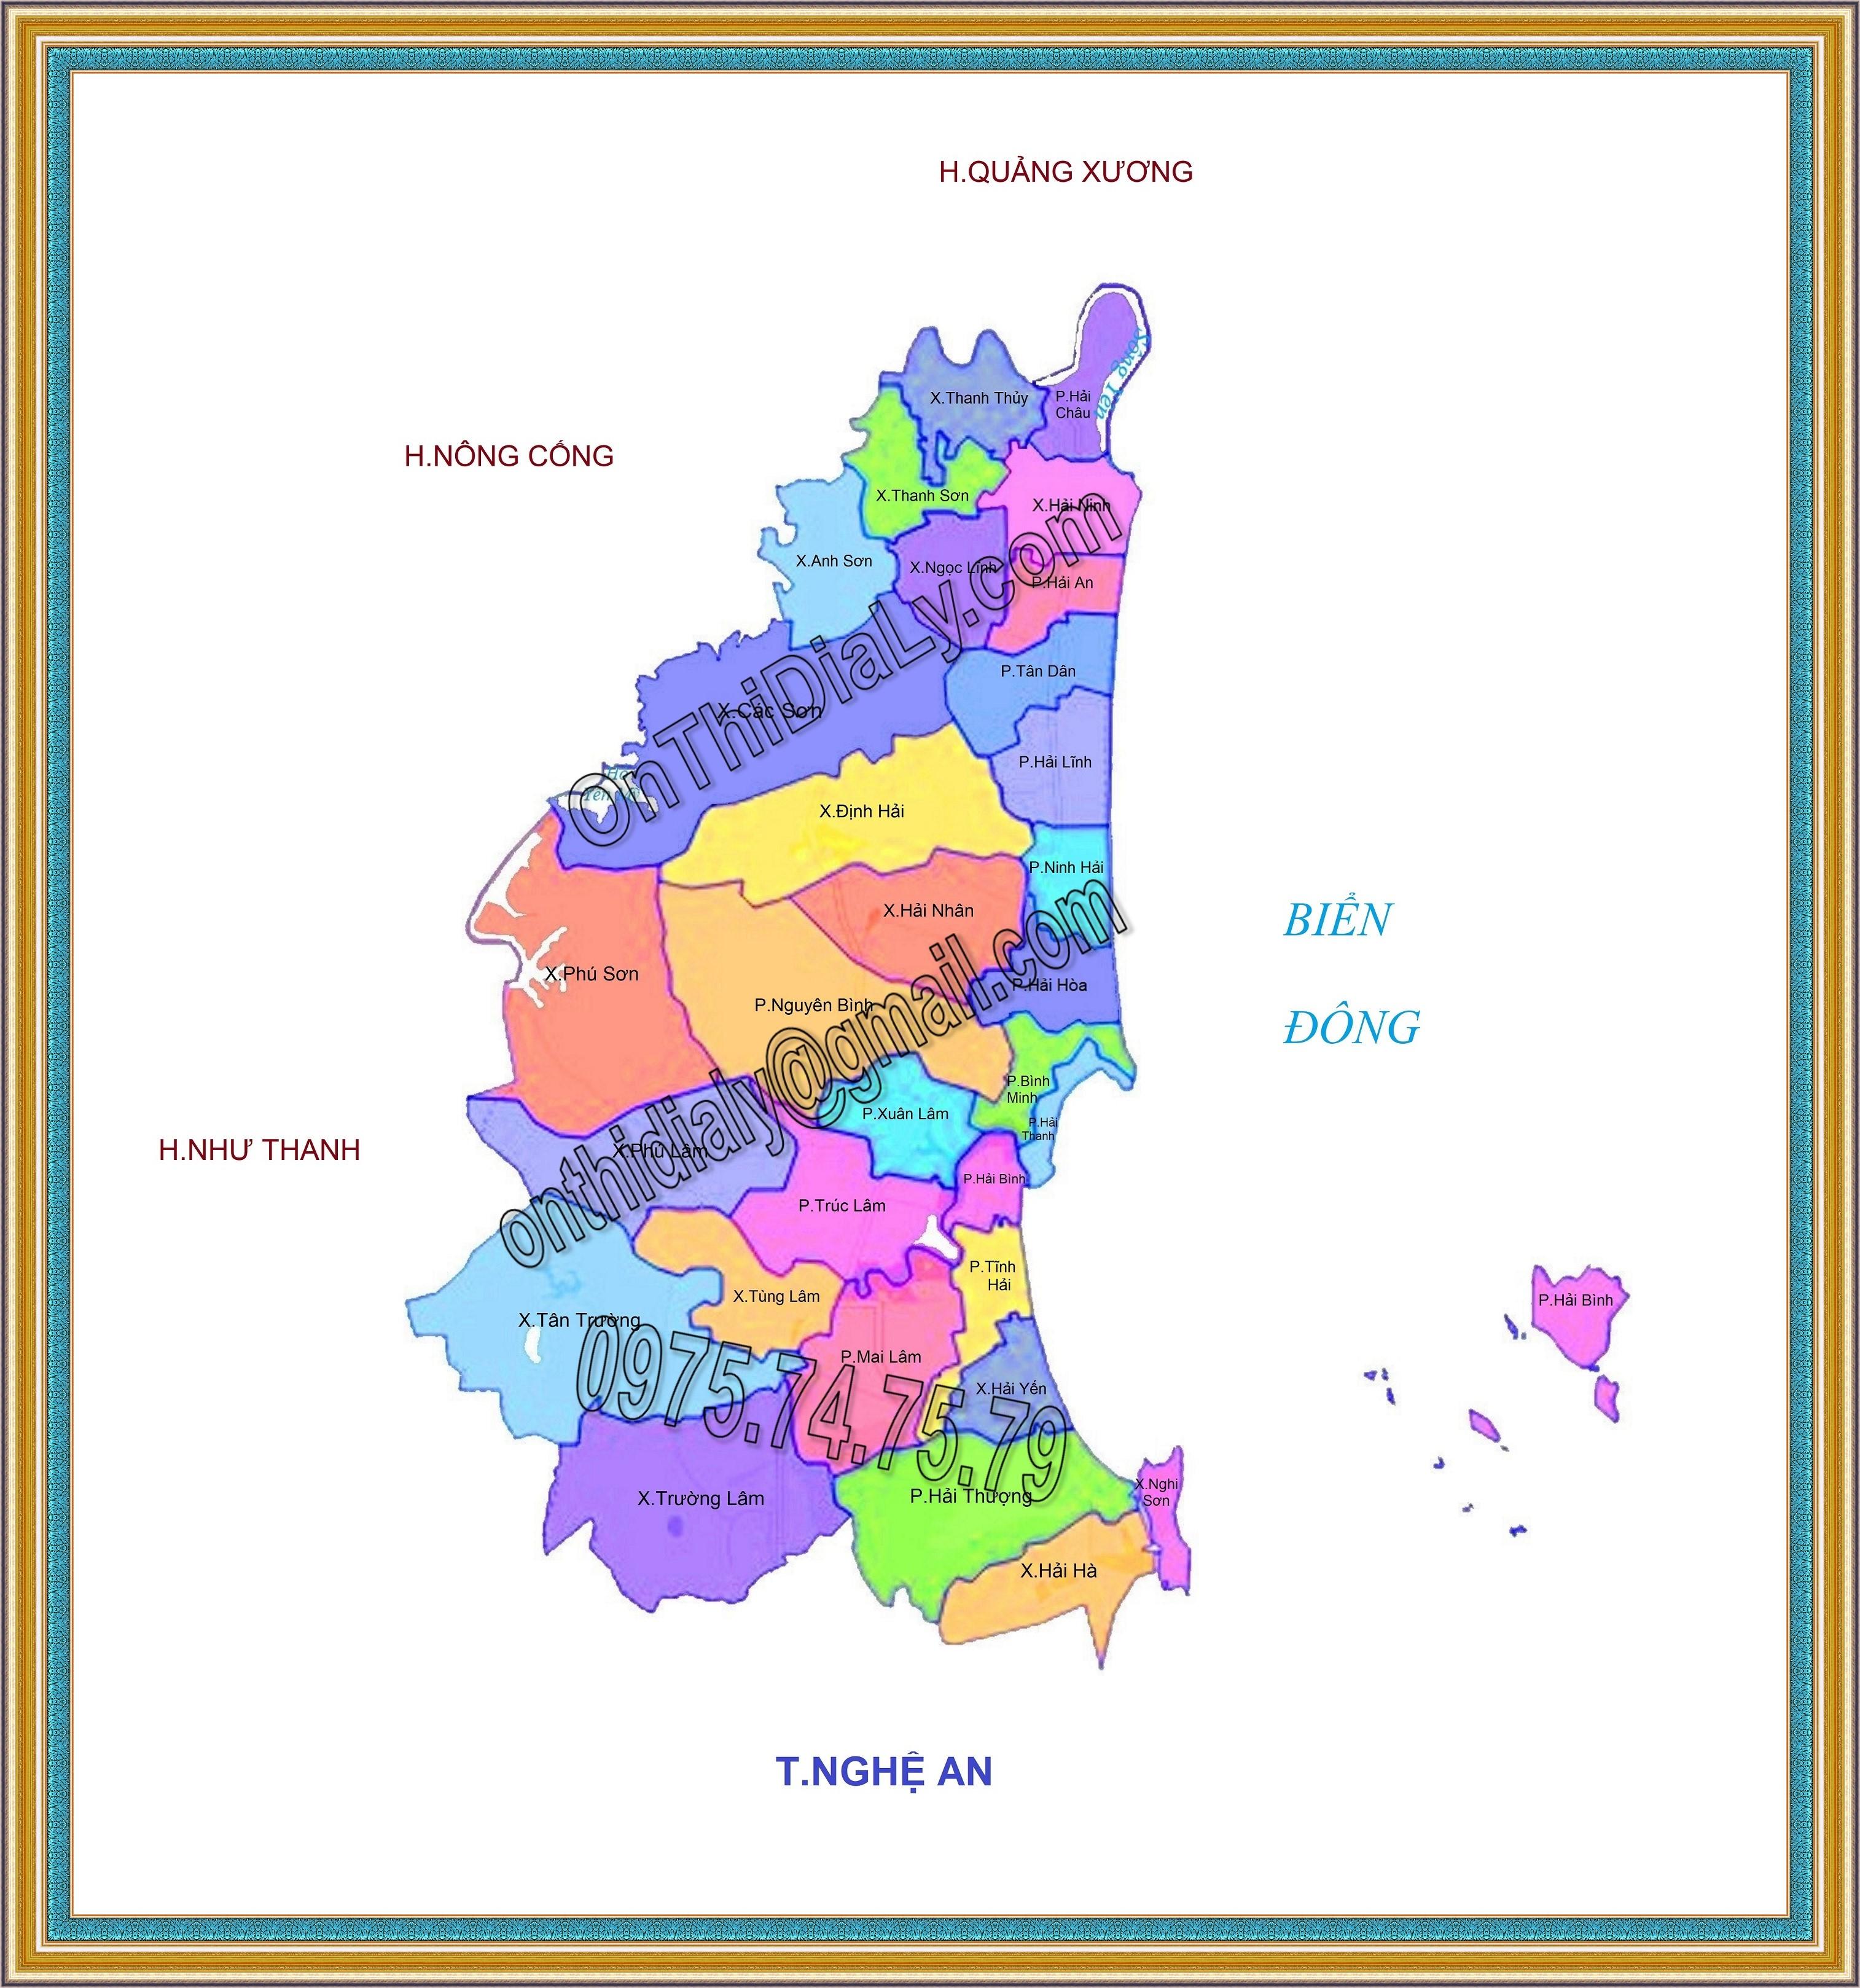 Bản đồ Thị xã Nghi Sơn, tỉnh Thanh Hóa